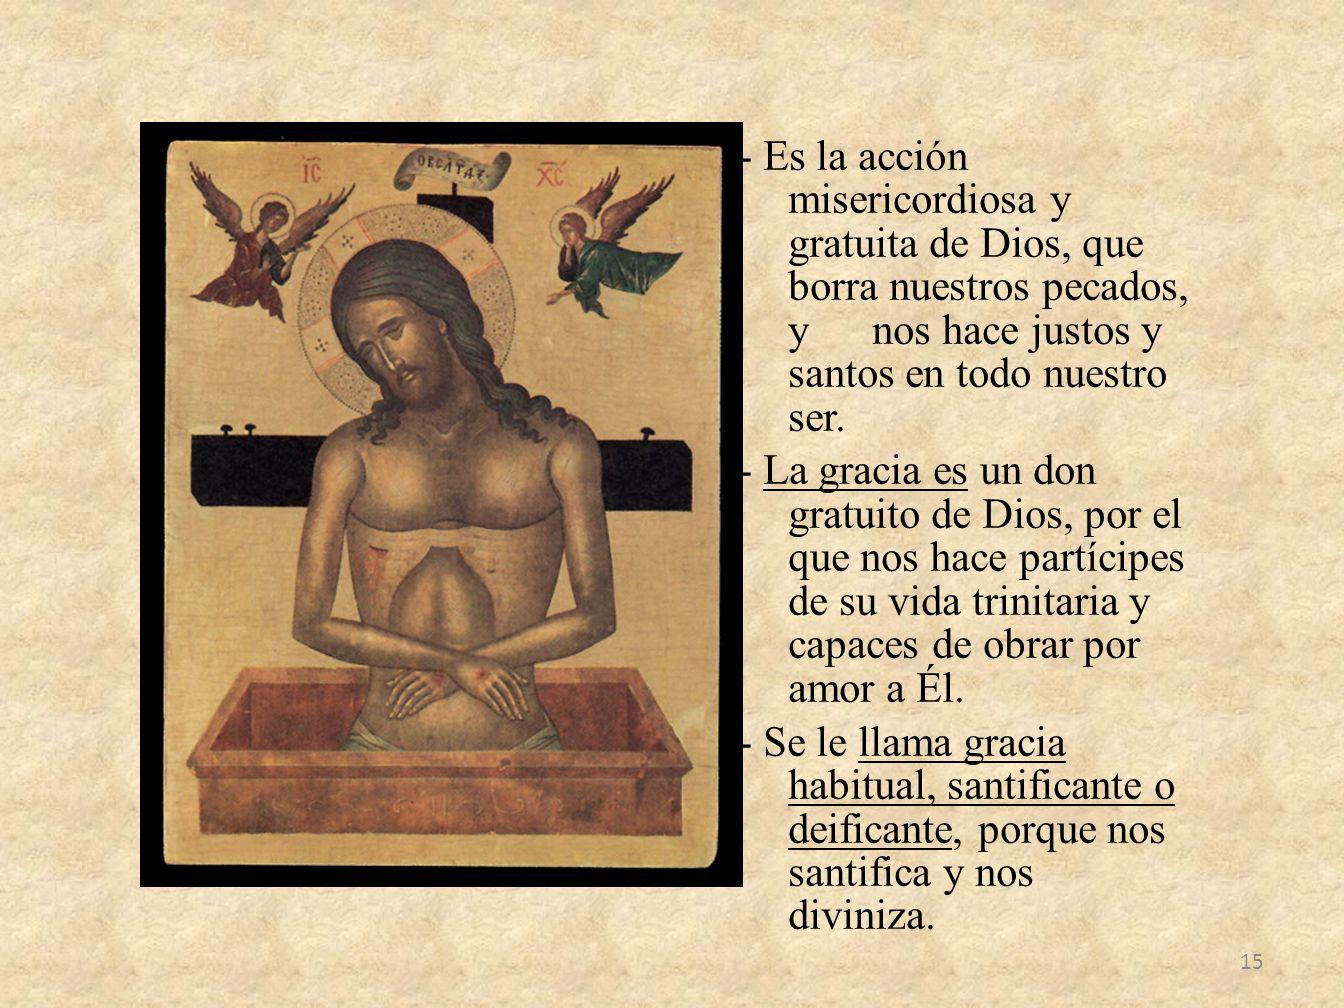 - Es la acción misericordiosa y gratuita de Dios, que borra nuestros pecados, y nos hace justos y santos en todo nuestro ser.